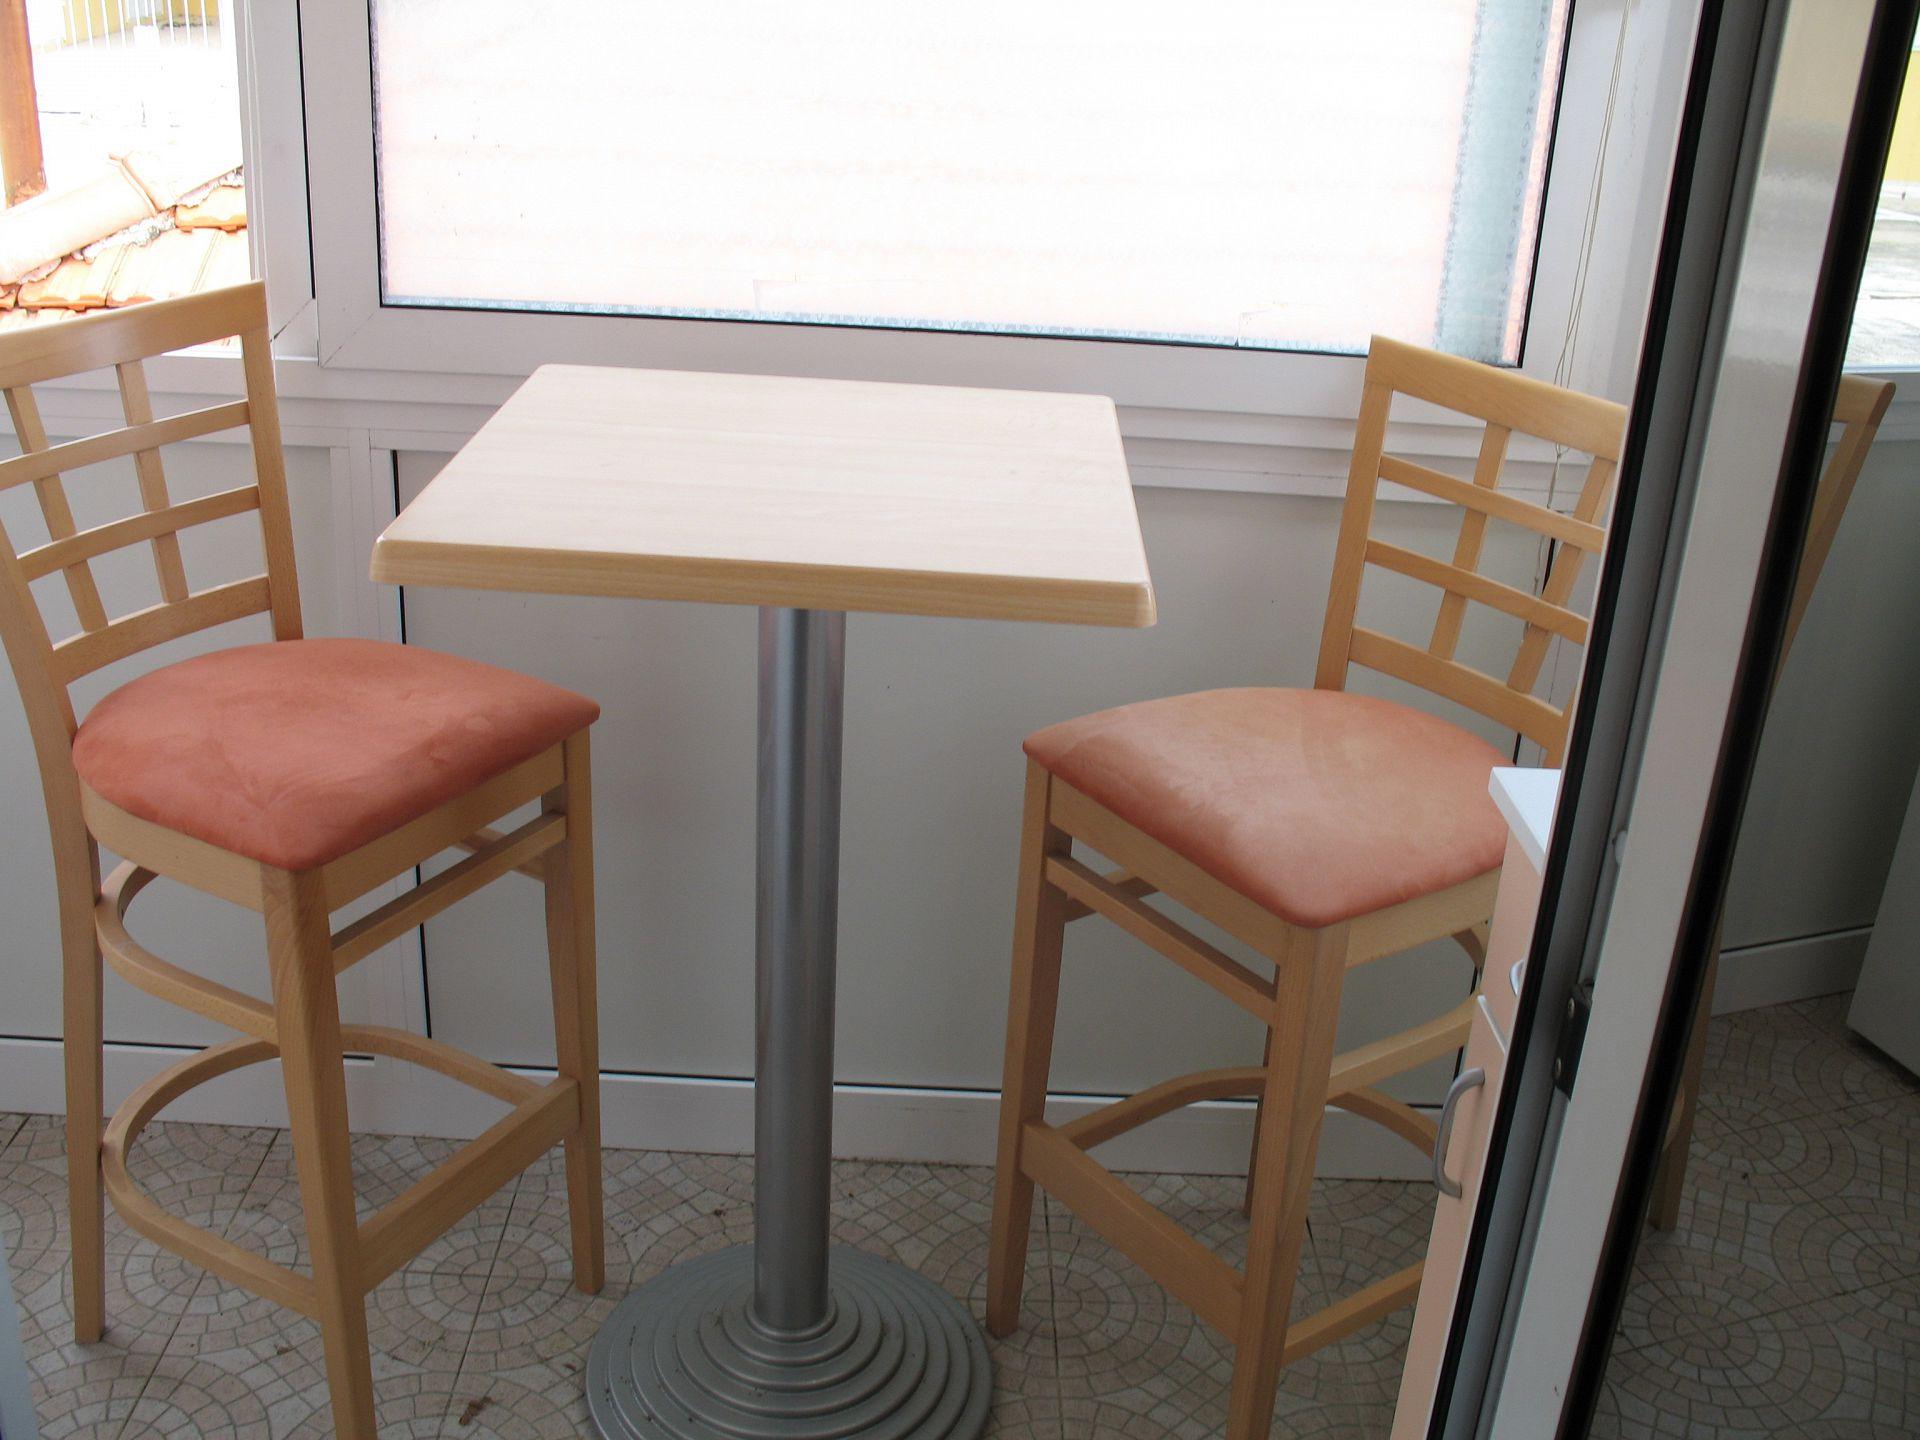 02017OREB - Orebic - Appartementen Kroatië - SA1(2): eetkamer